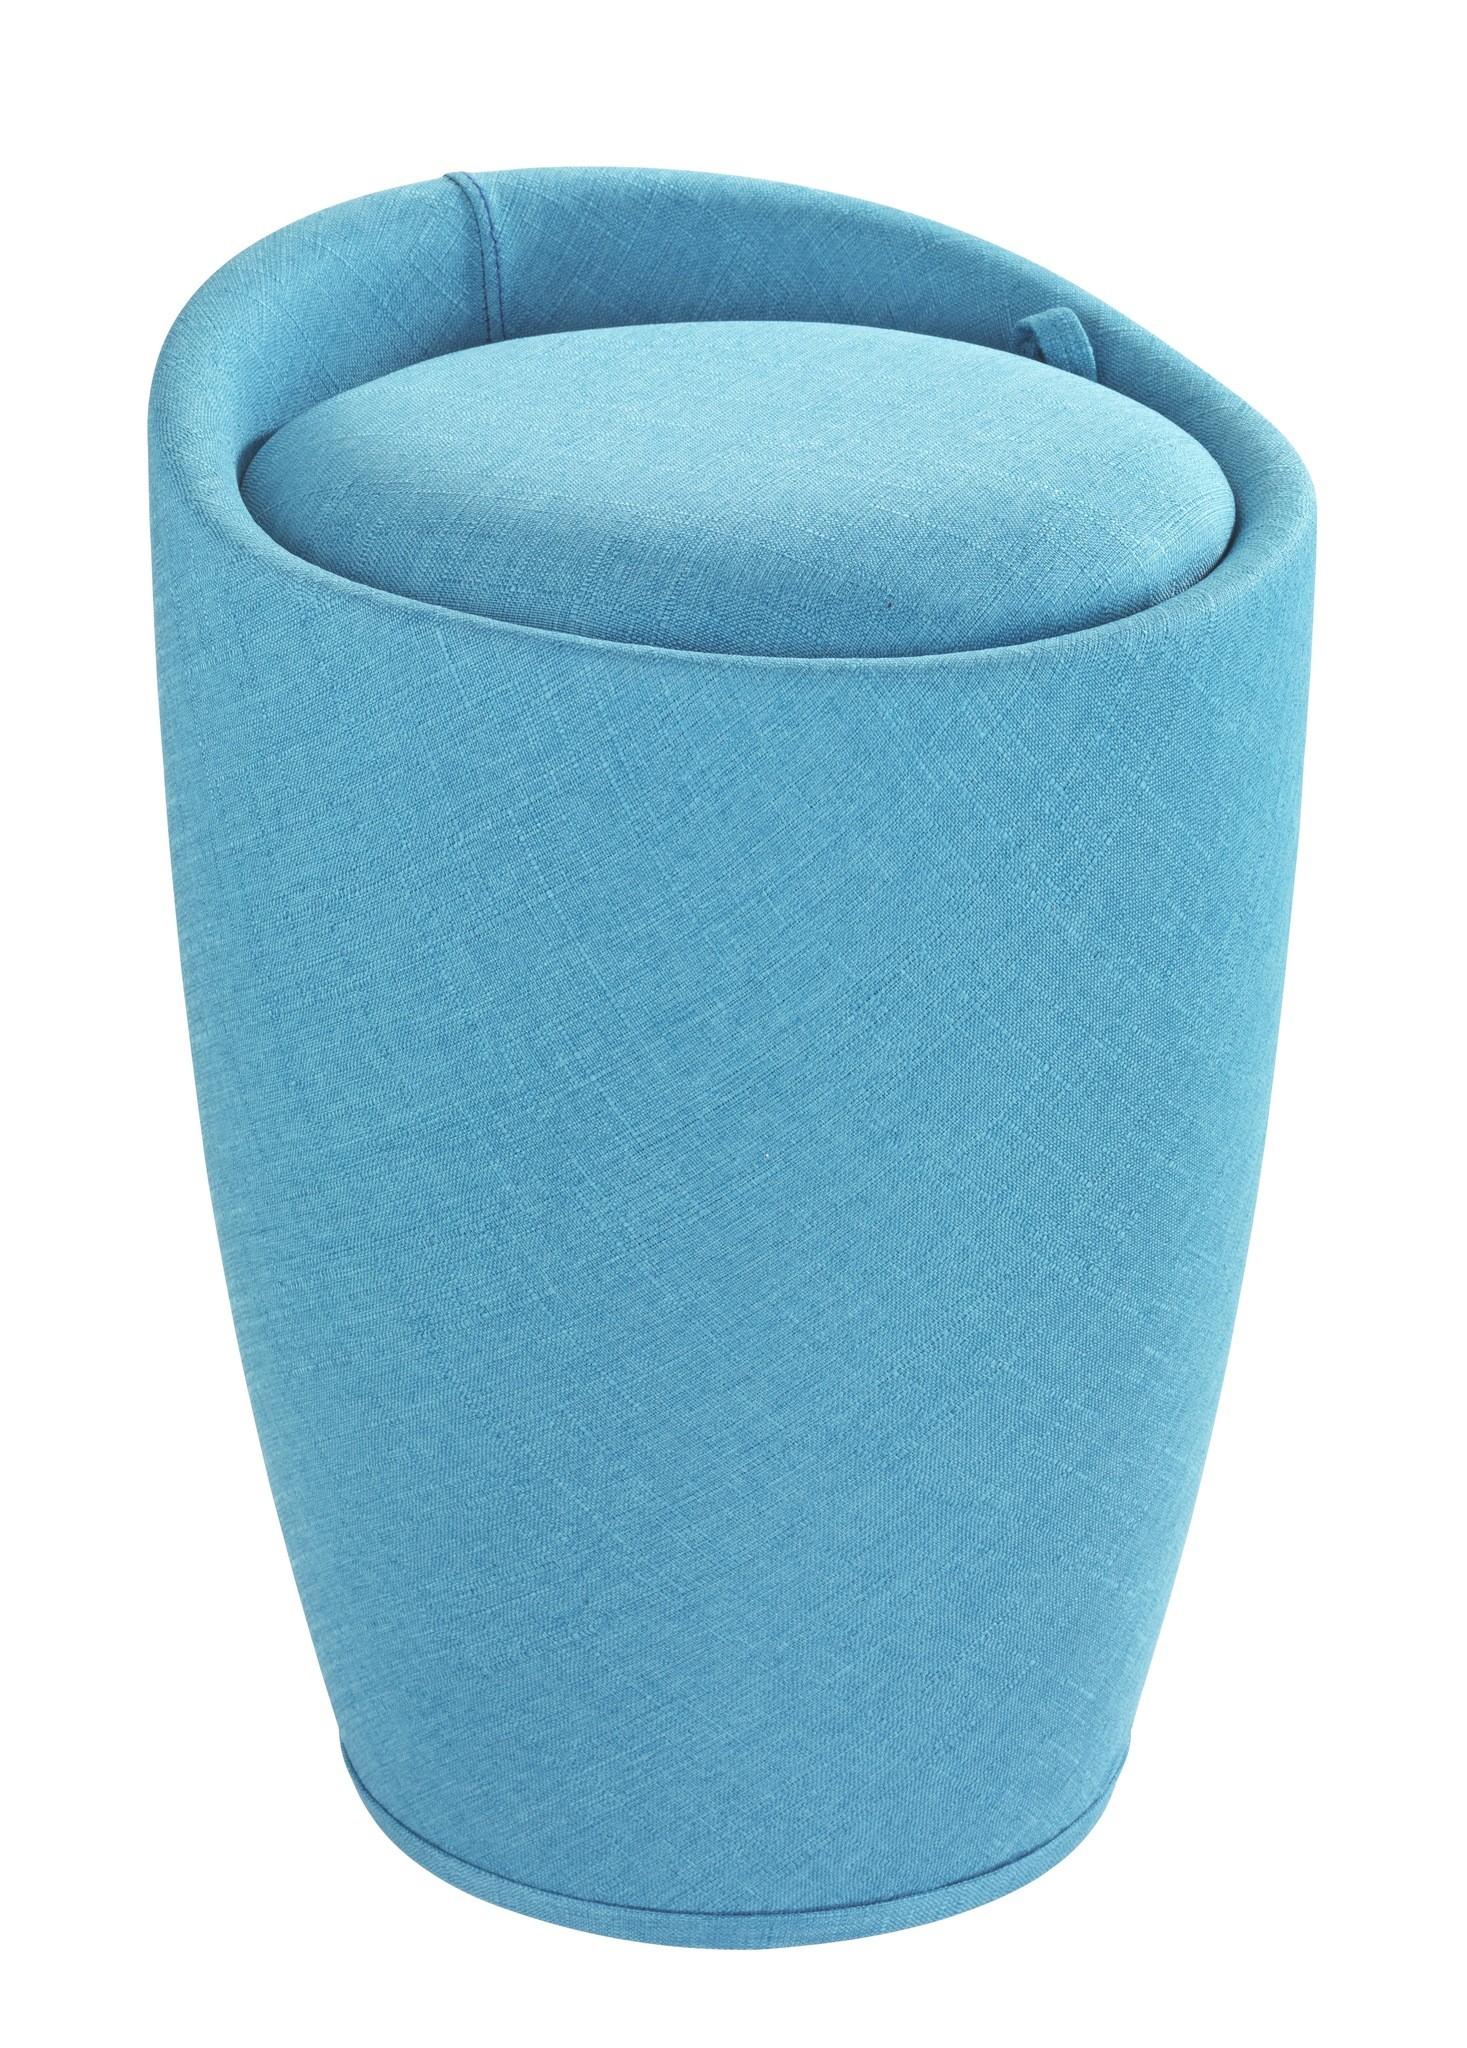 Hocker Candy Turquoise Leinenoptik, Badhocker, mit abnehmbarem Wäschesack